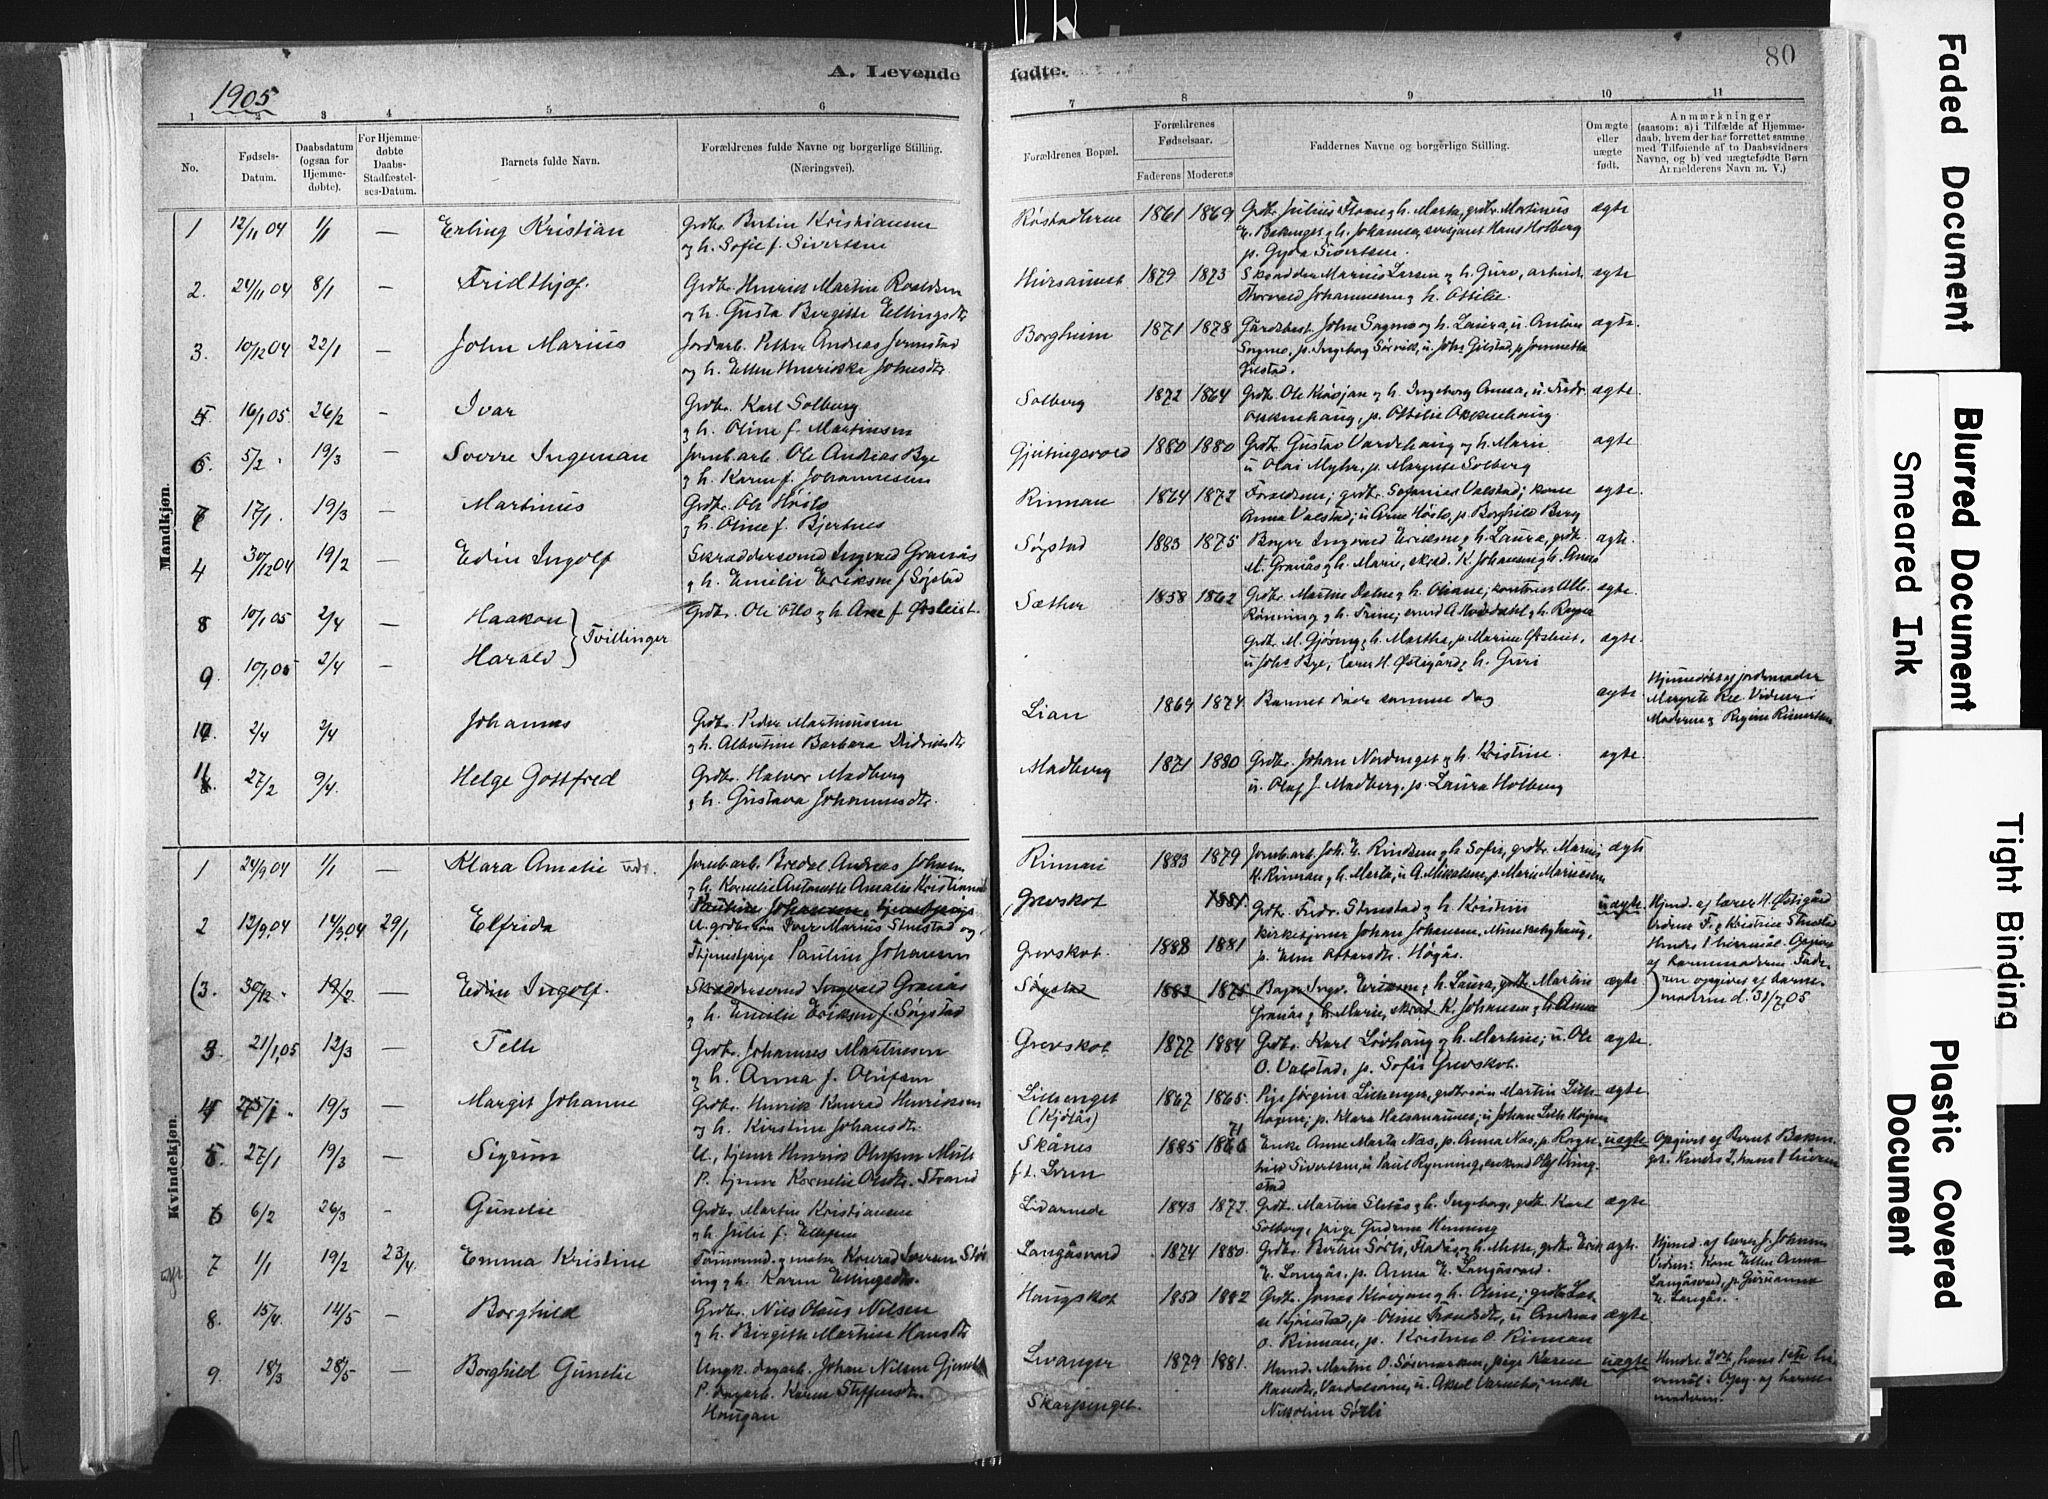 SAT, Ministerialprotokoller, klokkerbøker og fødselsregistre - Nord-Trøndelag, 721/L0207: Ministerialbok nr. 721A02, 1880-1911, s. 80